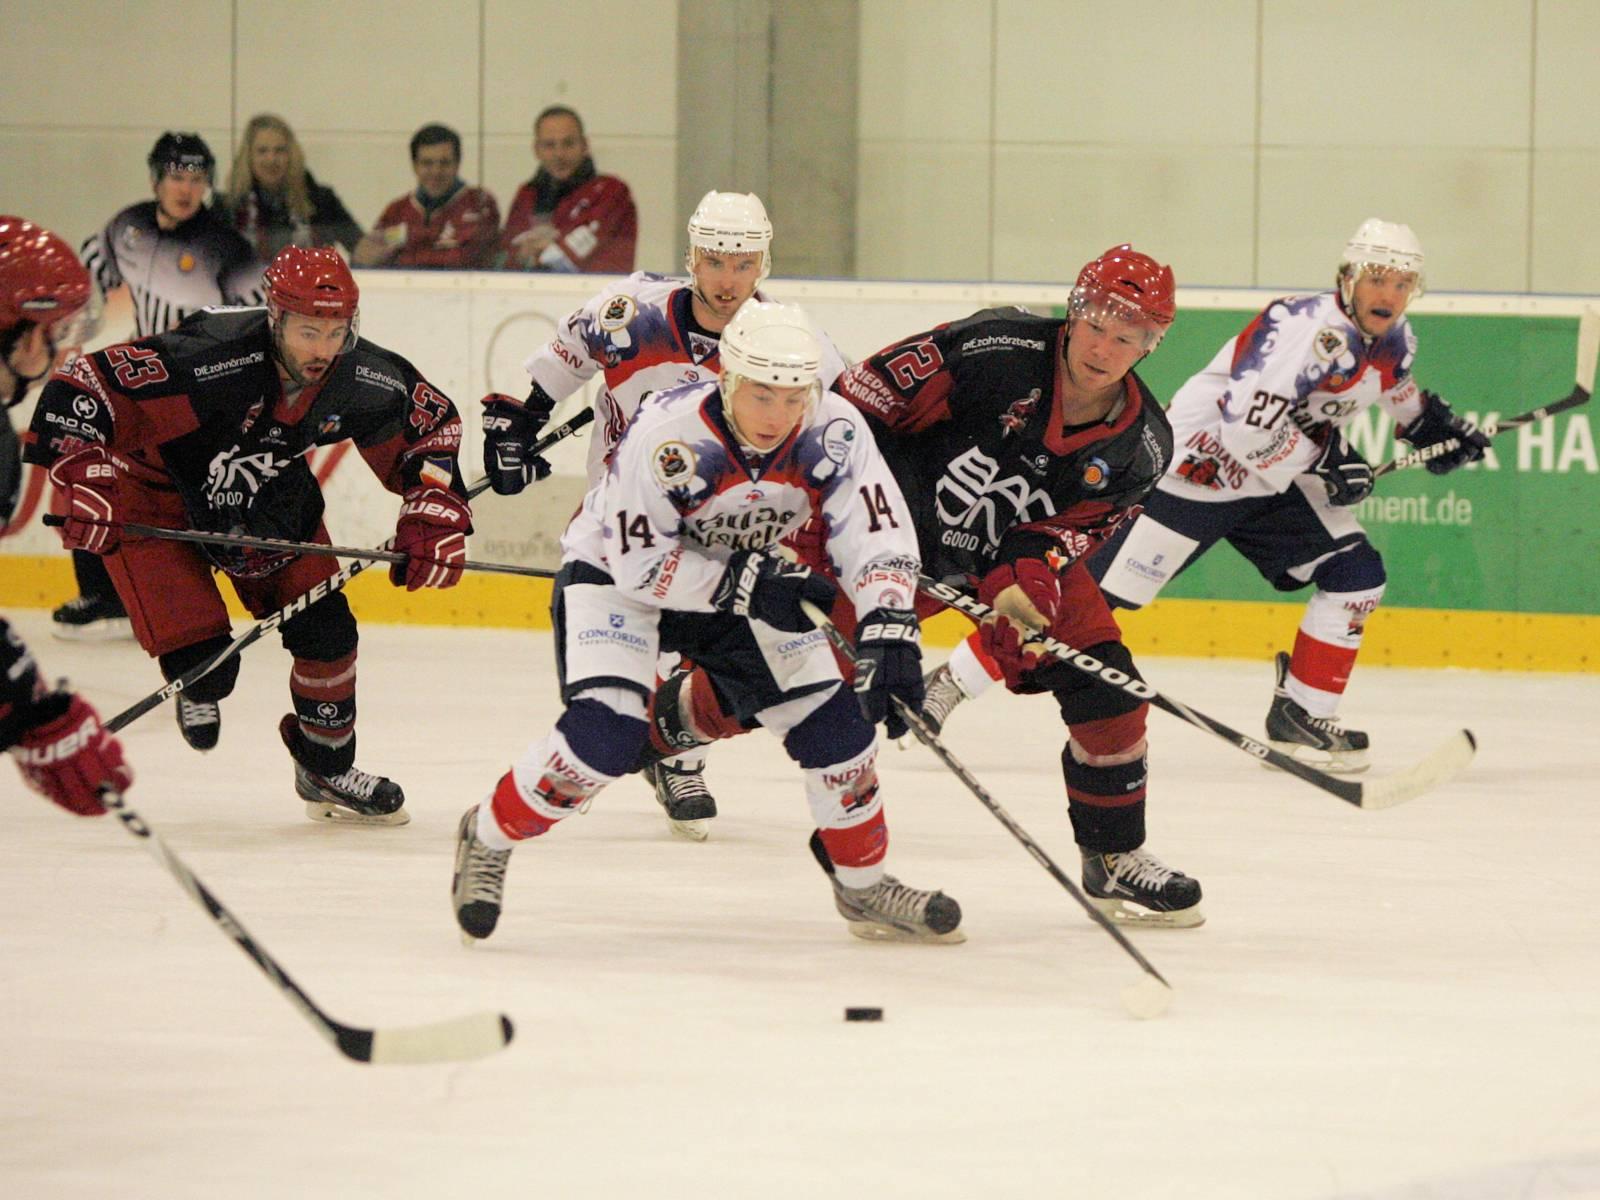 Spielszene beim Eishockey